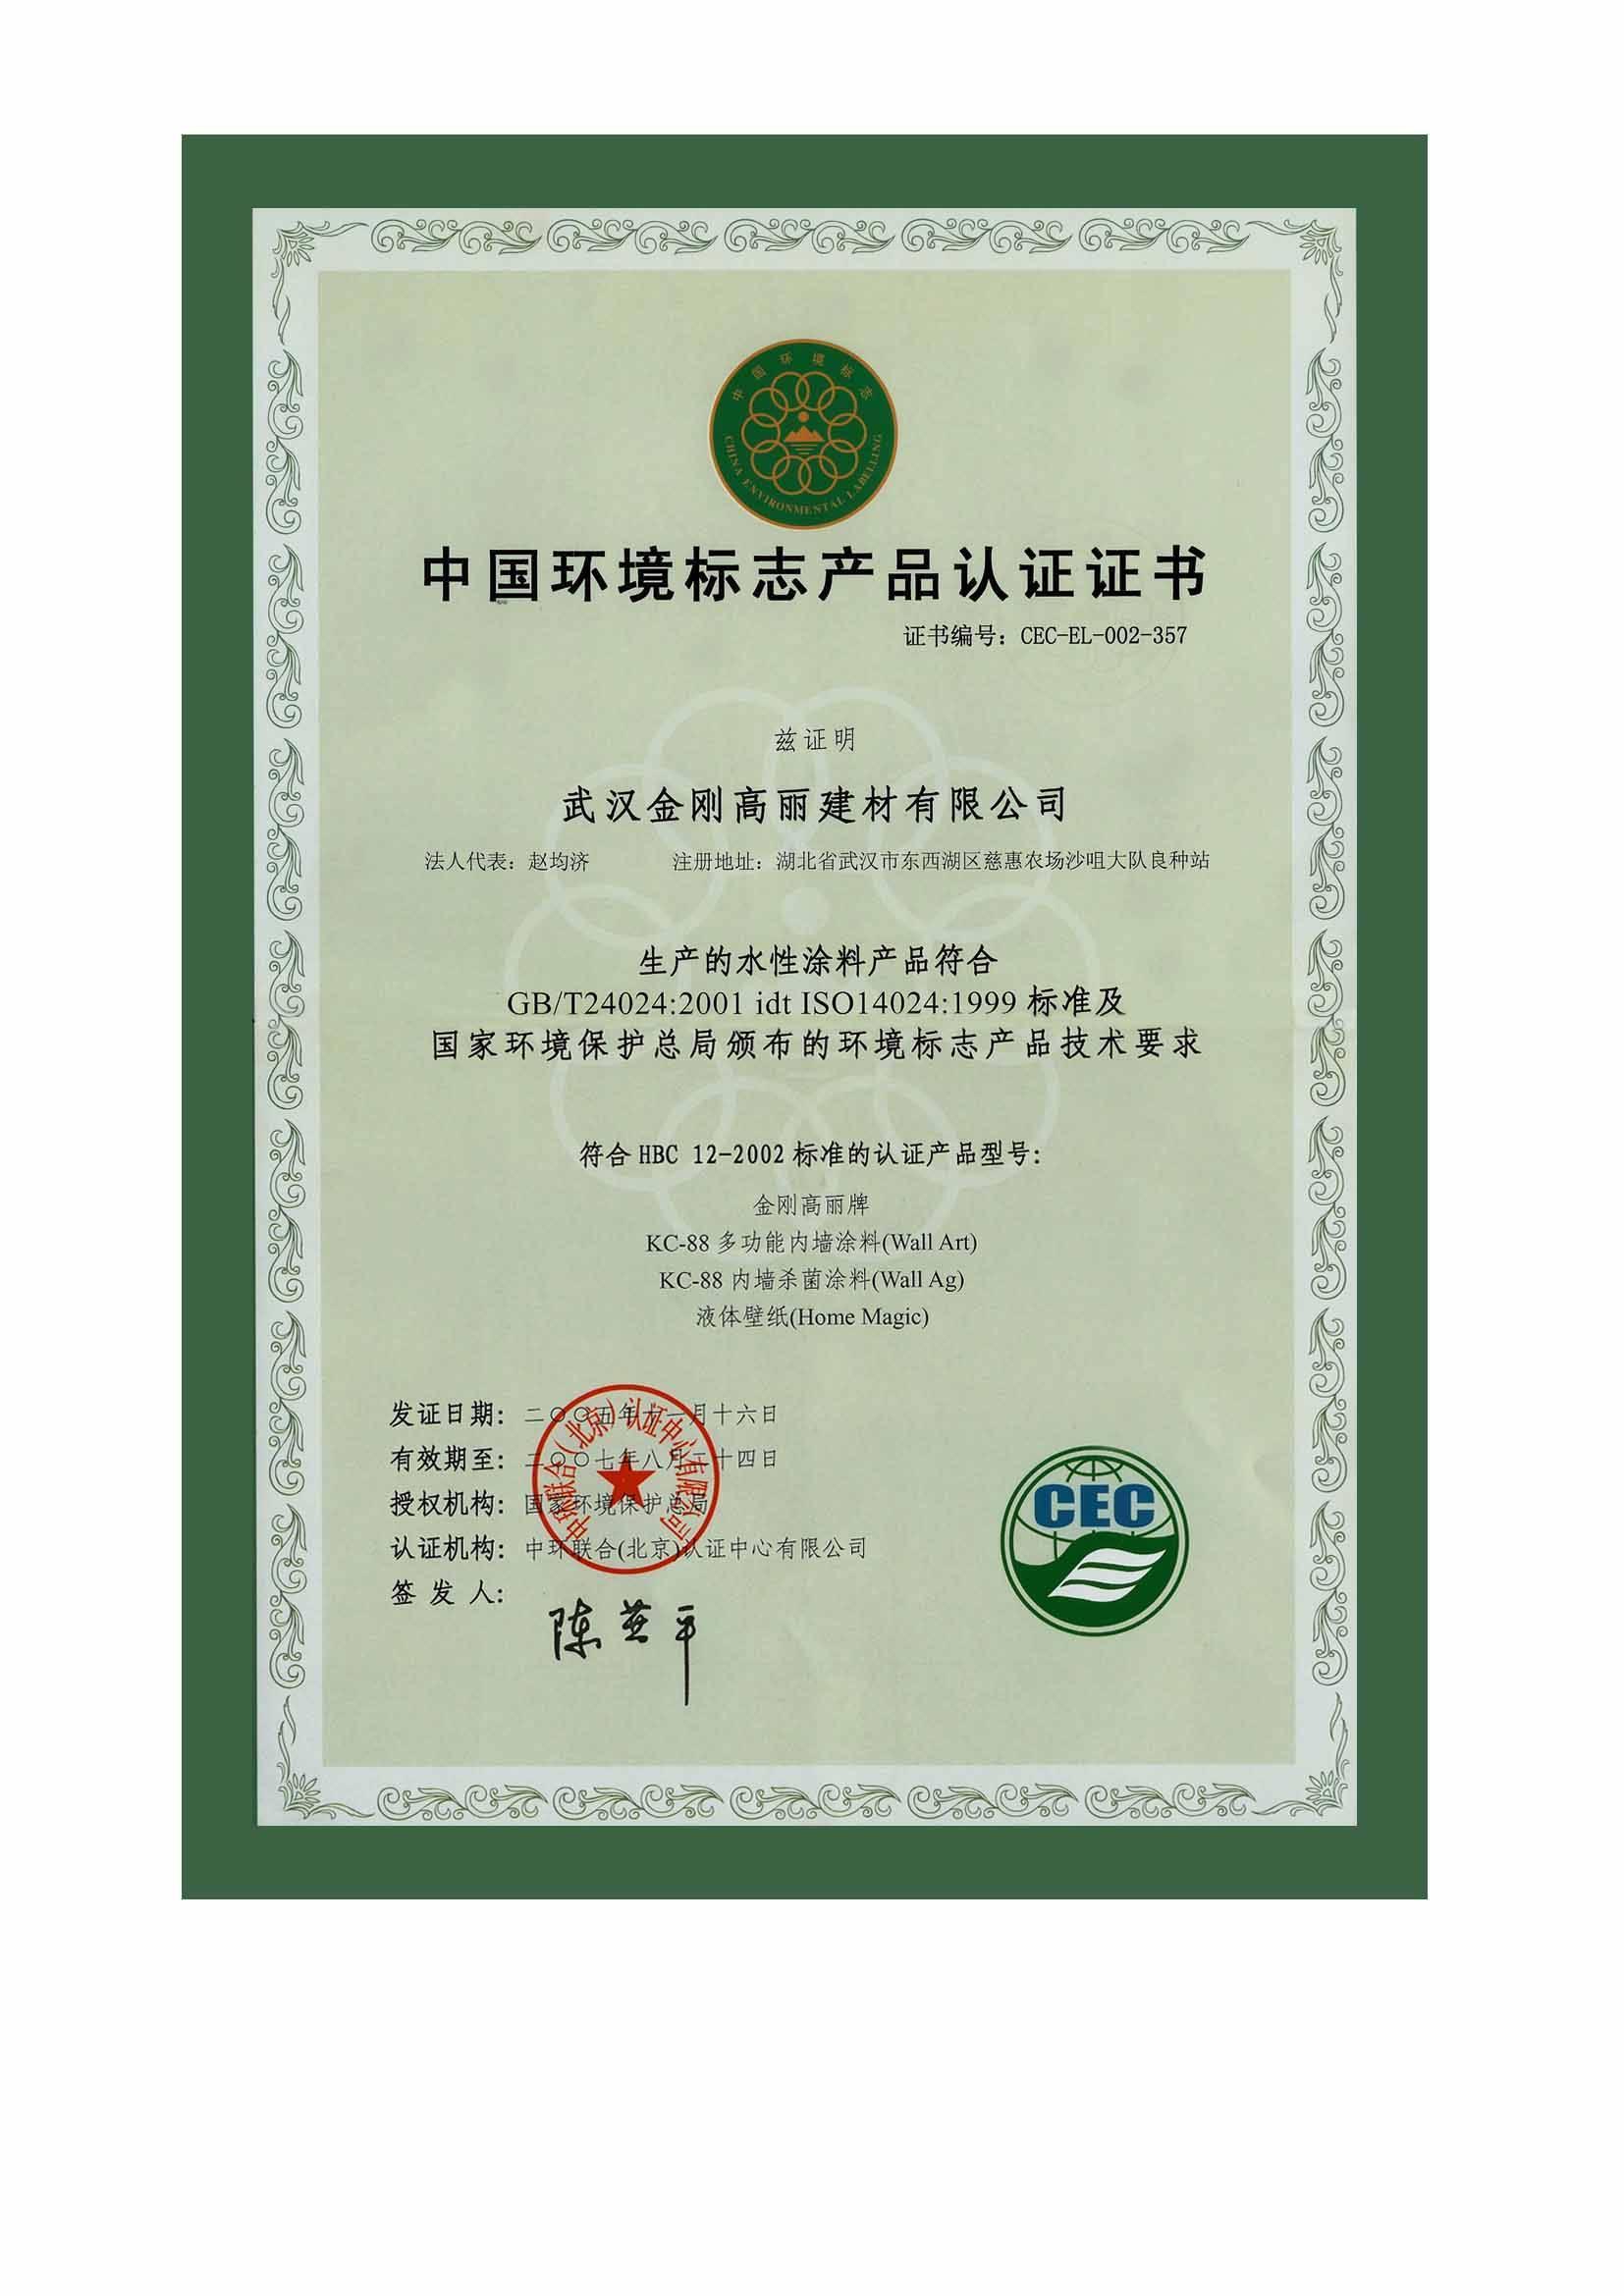 在韩国汉城建立新大亚建设株式会社。 并且成为以下公司指定的建筑工程承包商。 韩国现代建设株式会社 韩国现代房地产开发株式会社 韩国高丽房地产开发株式会社 韩国现代建设工程服务中心 通过 ISO9002 国际质量管理体系认证 取得了韩国工业标准 KSA9002 的认证 并成功的开发了用于修补墙体裂缝的新型、弹性涂料 艾克力 300 ,艾克力 400 ,艾克力 100 ,液体墙纸,梦幻天使 在中国武汉建立金刚高丽建材有限公司并成功开发出高新环保水性涂料系列产品,抗菌涂料。 武汉金刚高丽公司生产的系列产品荣